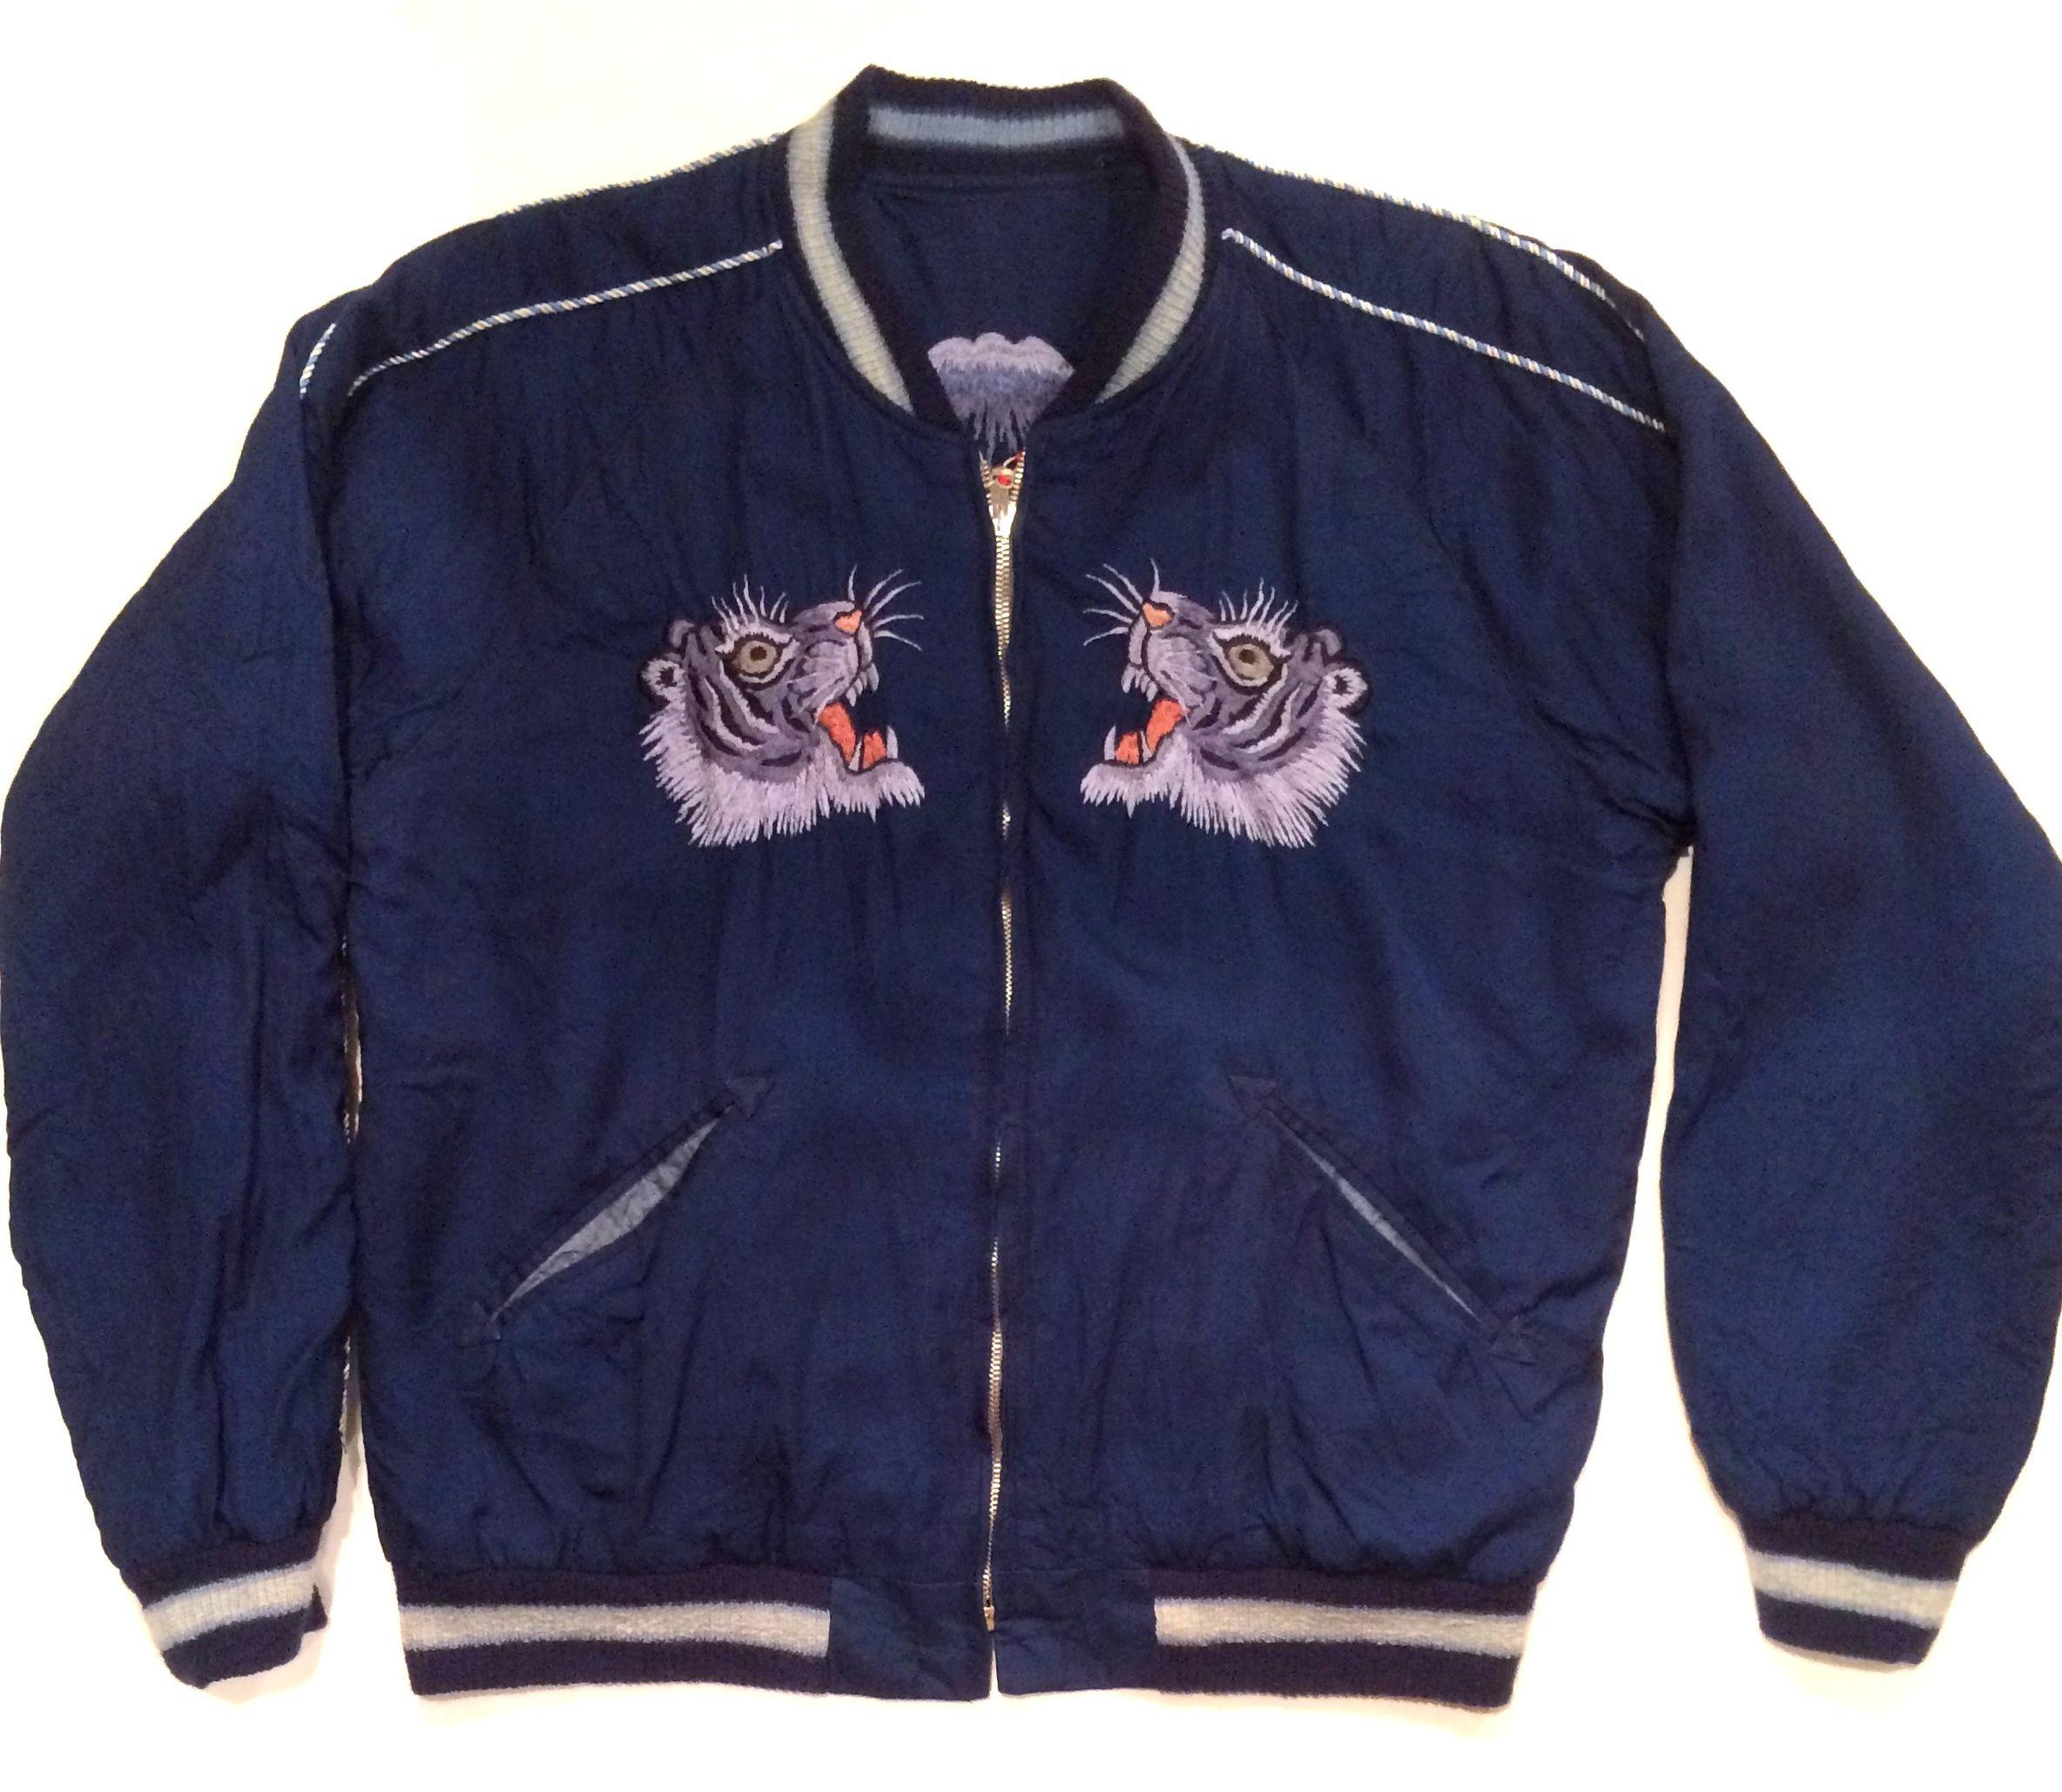 """東洋エンタープライズ  TT13834 SPECIAL EDITION INDIGO """"TIGER"""" Reversible Souvenir Jacket インディゴ """"虎""""  スーベニア ジャケット"""